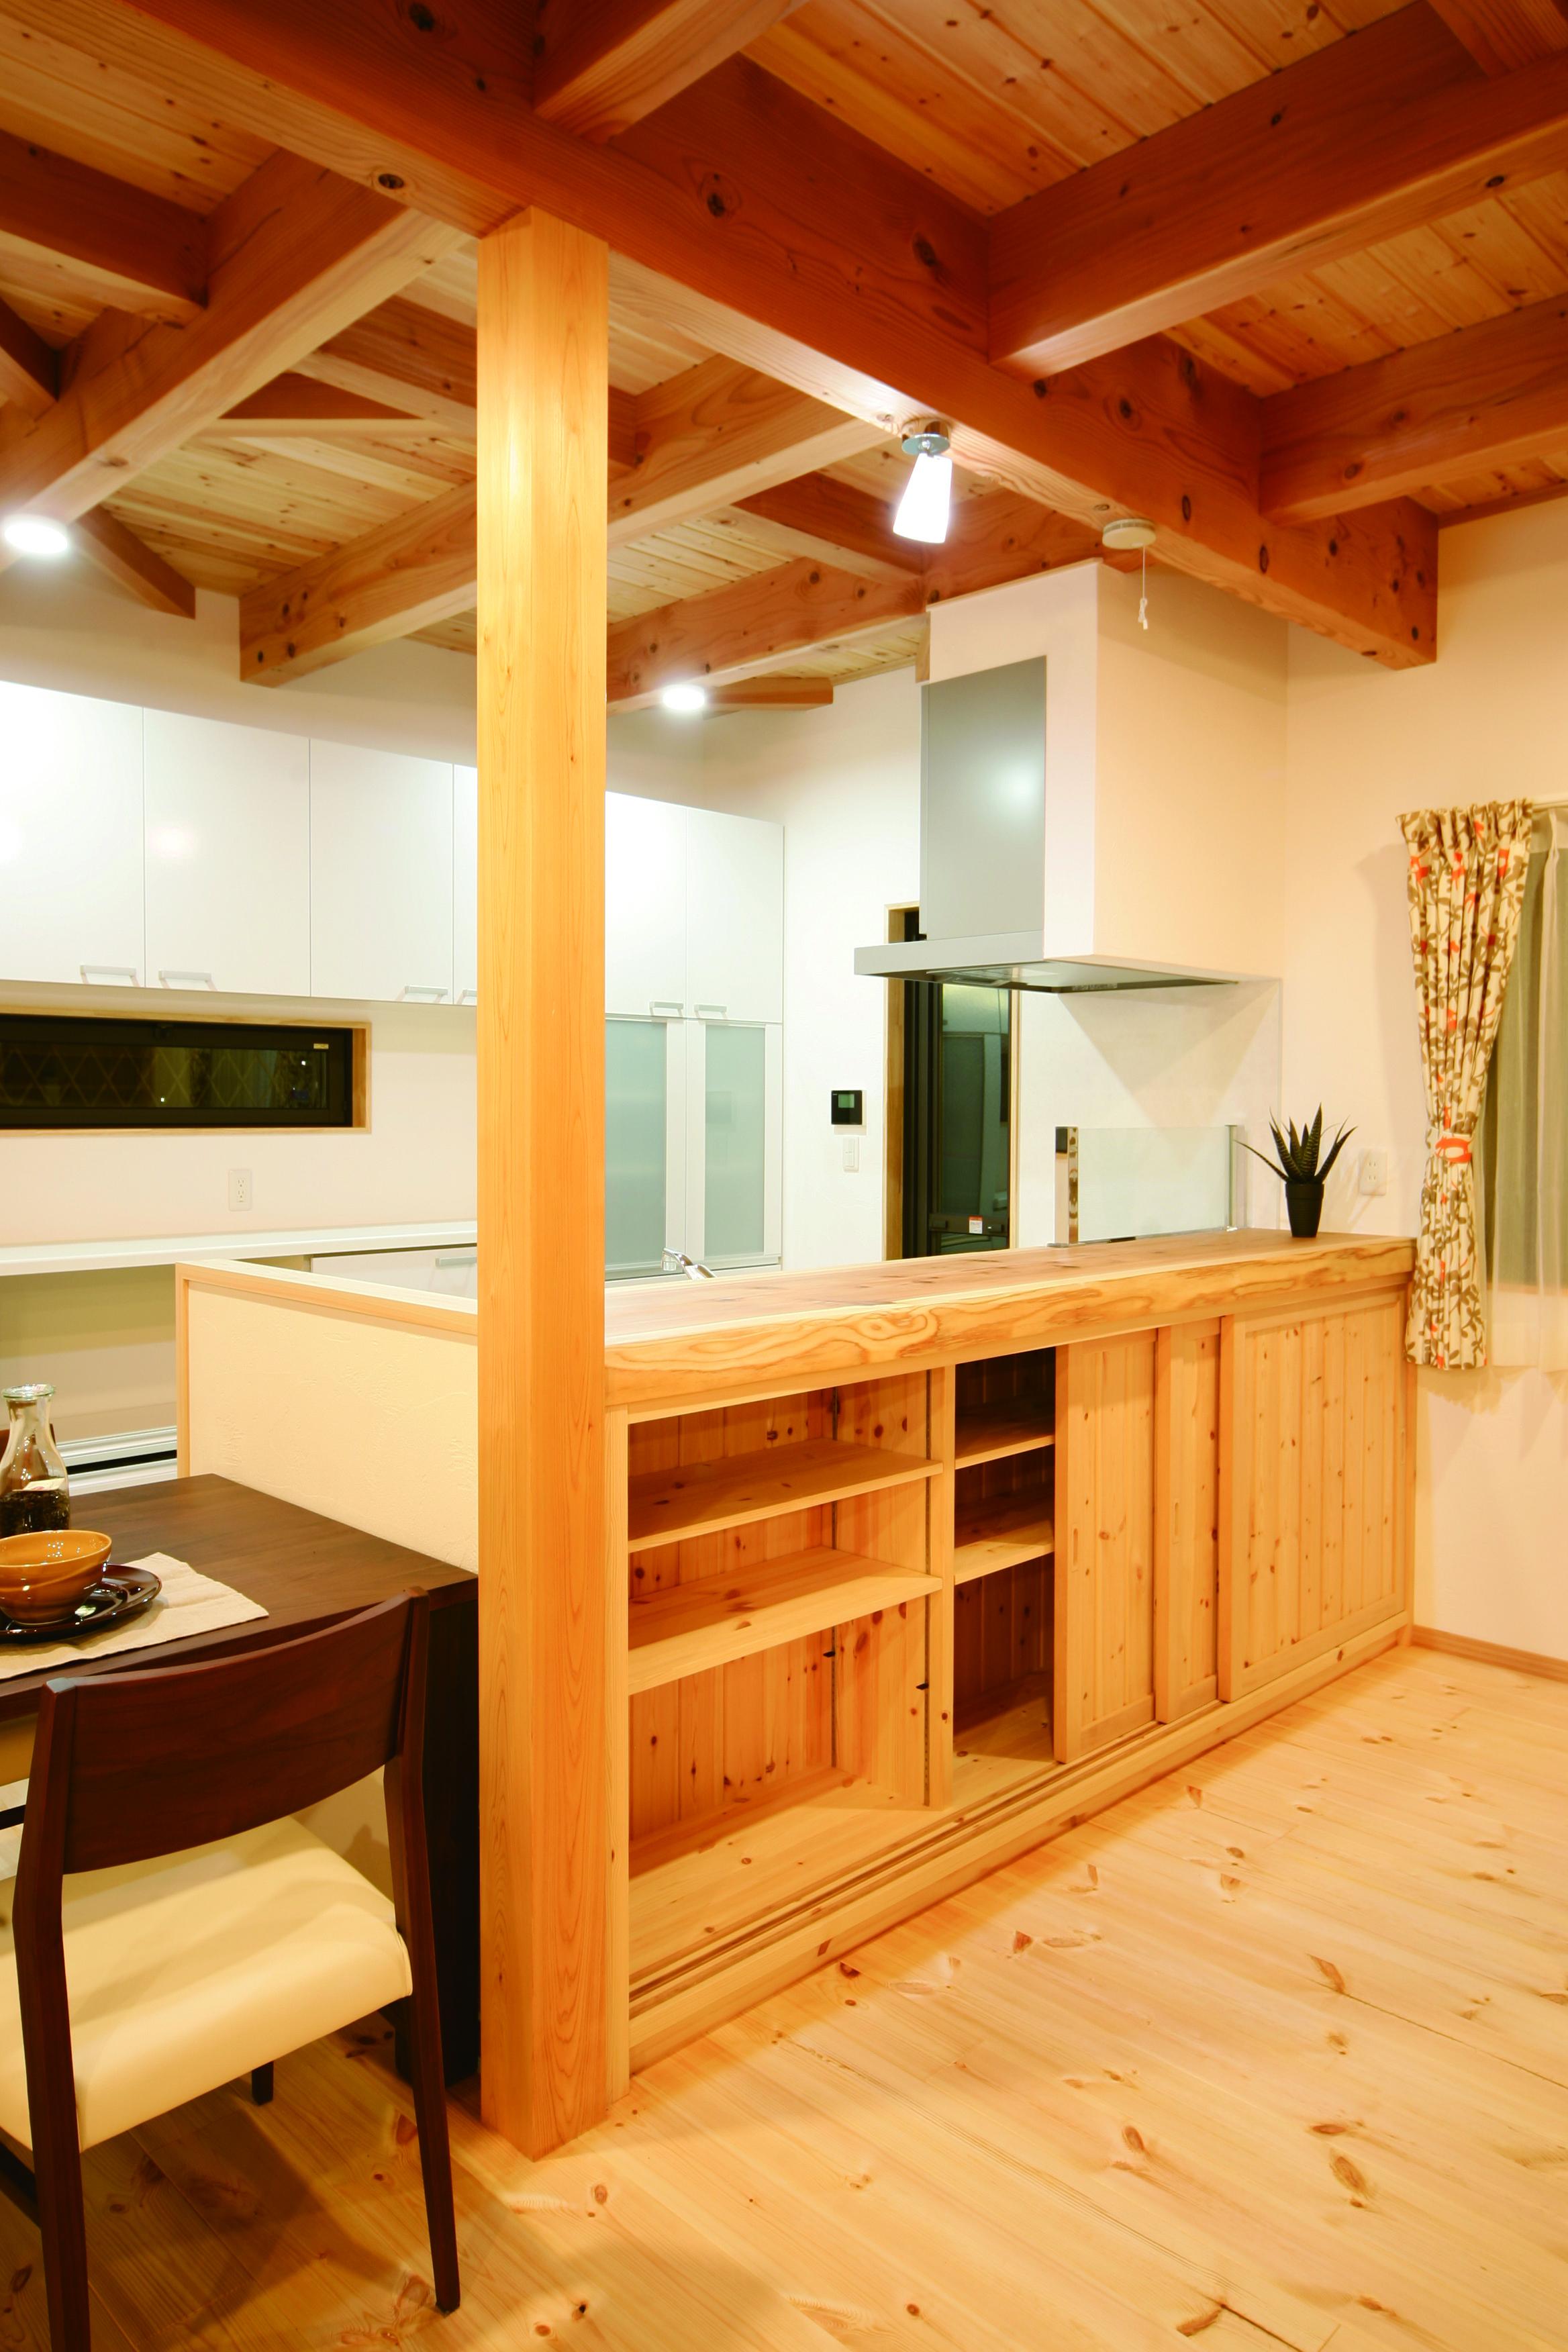 住まいるコーポレーション【子育て、収納力、自然素材】対面キッチンのカウンターは温かみのある杉を使用。造作の収納棚もたくさん設けてある。キッチンスペースにゆとりを持たせてあるので、ご主人と2人でキッチンに立つときも動作がスムーズにできる